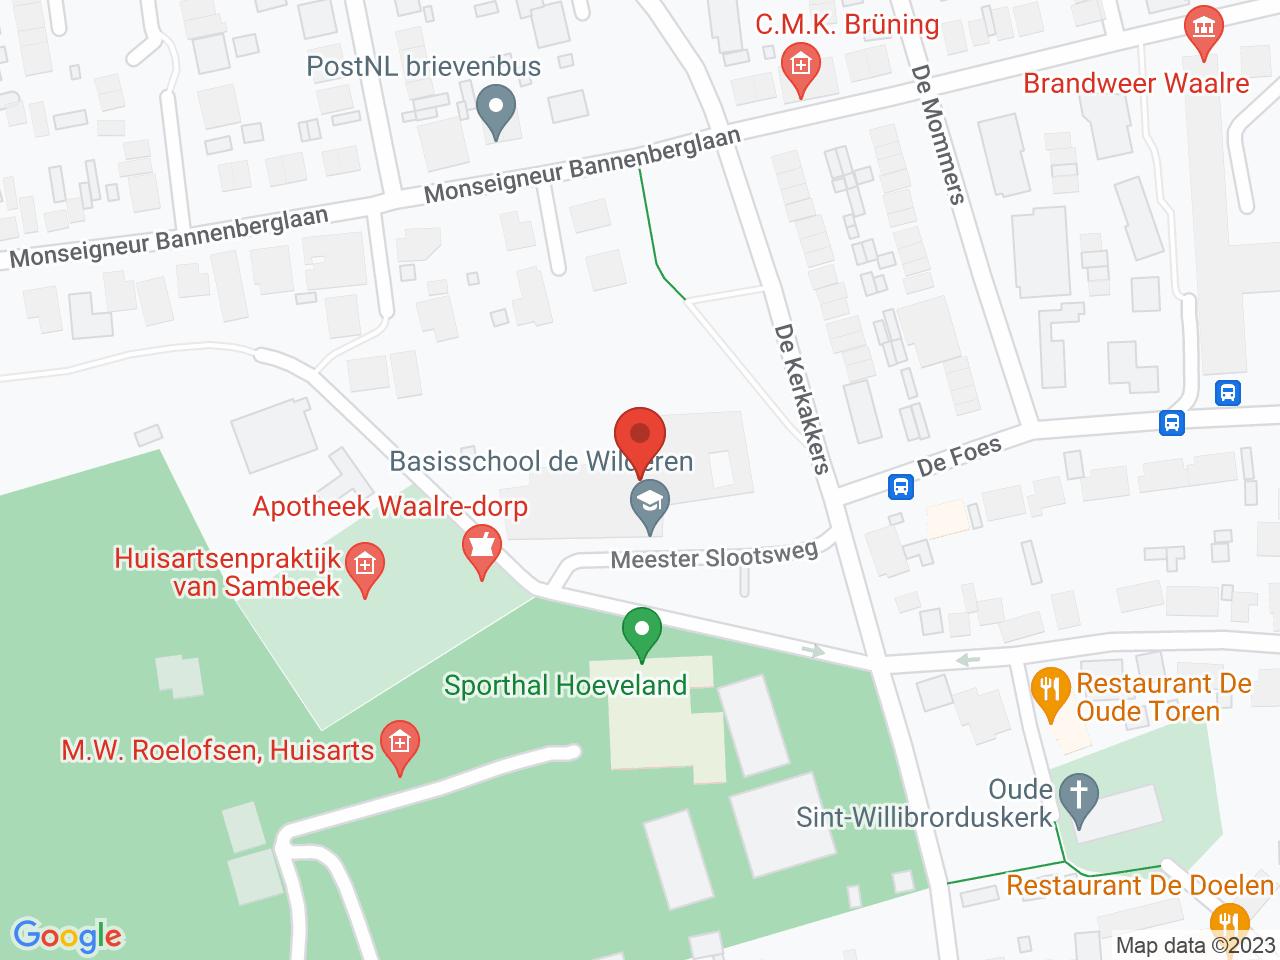 Sporthal Hoeveland-Basisschool De Wilderen op een kaart getoond.